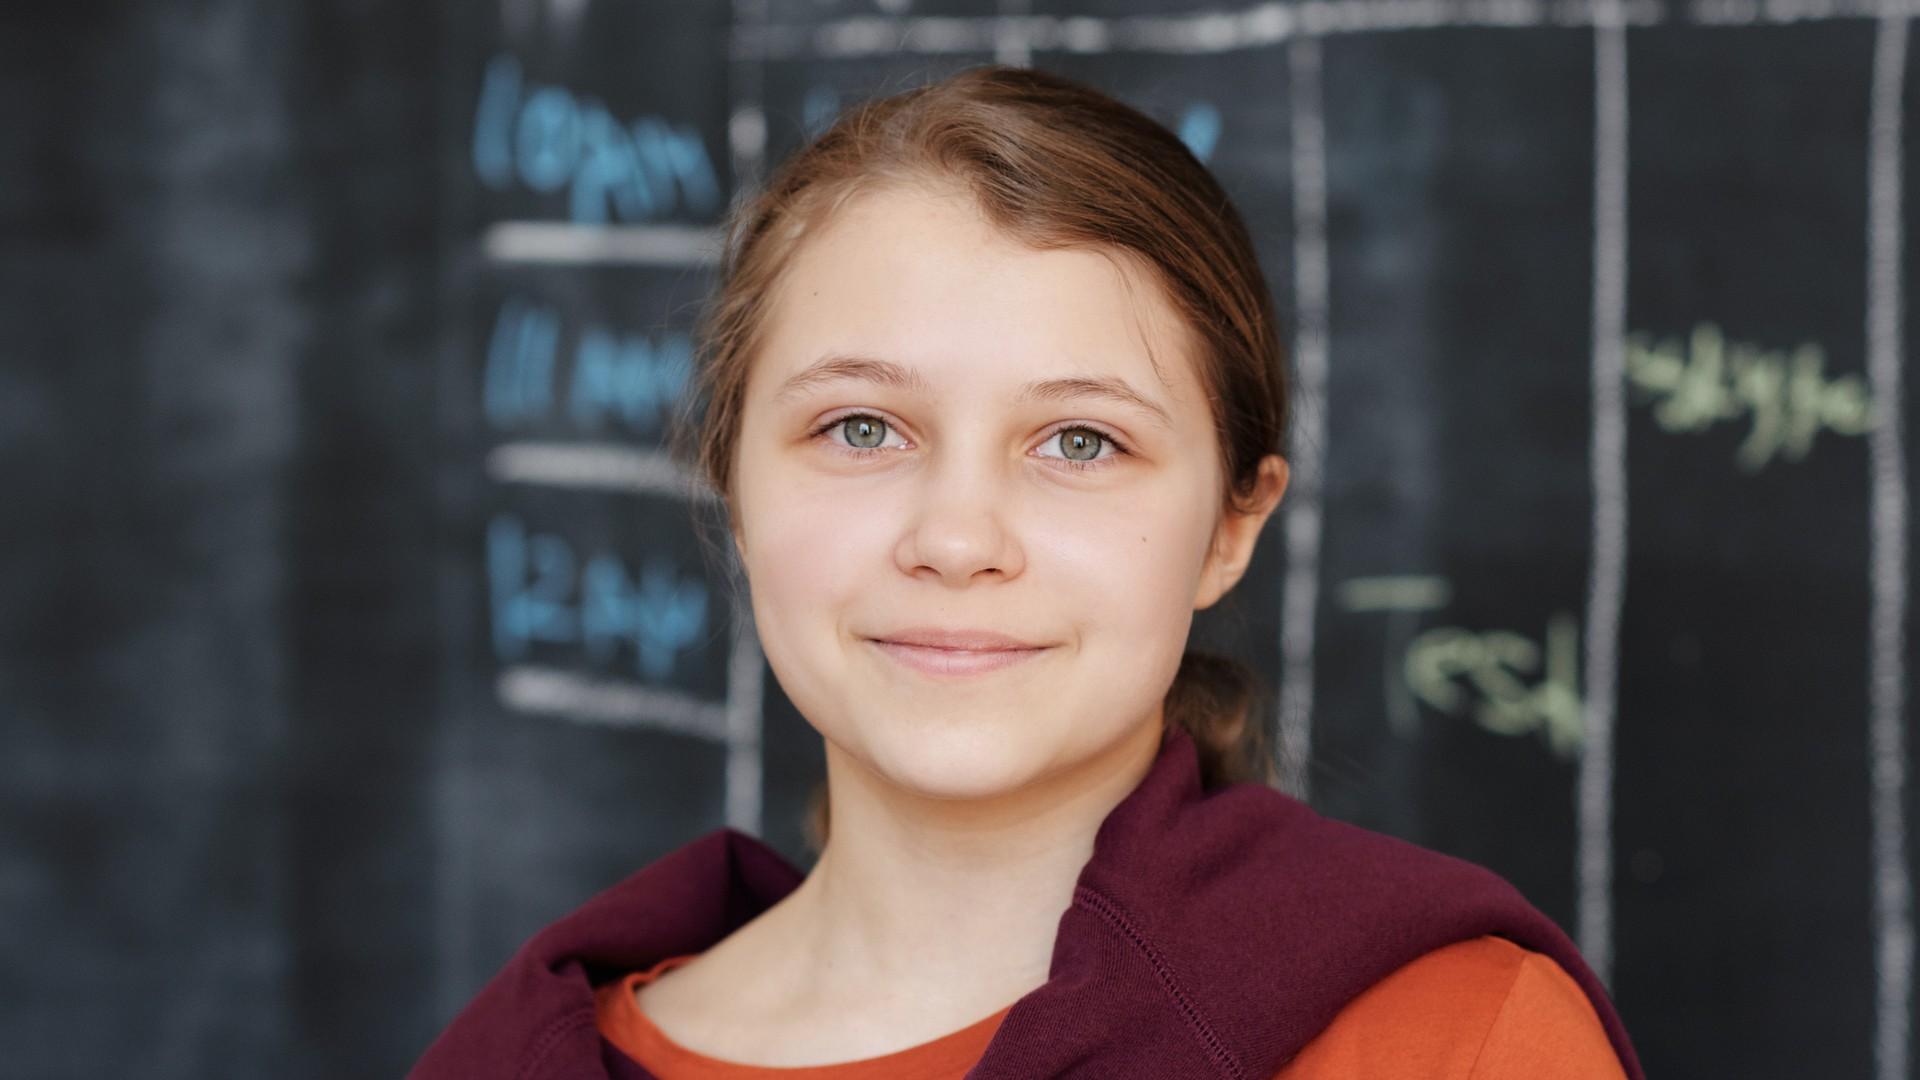 Mädchen-Portrait.jpg